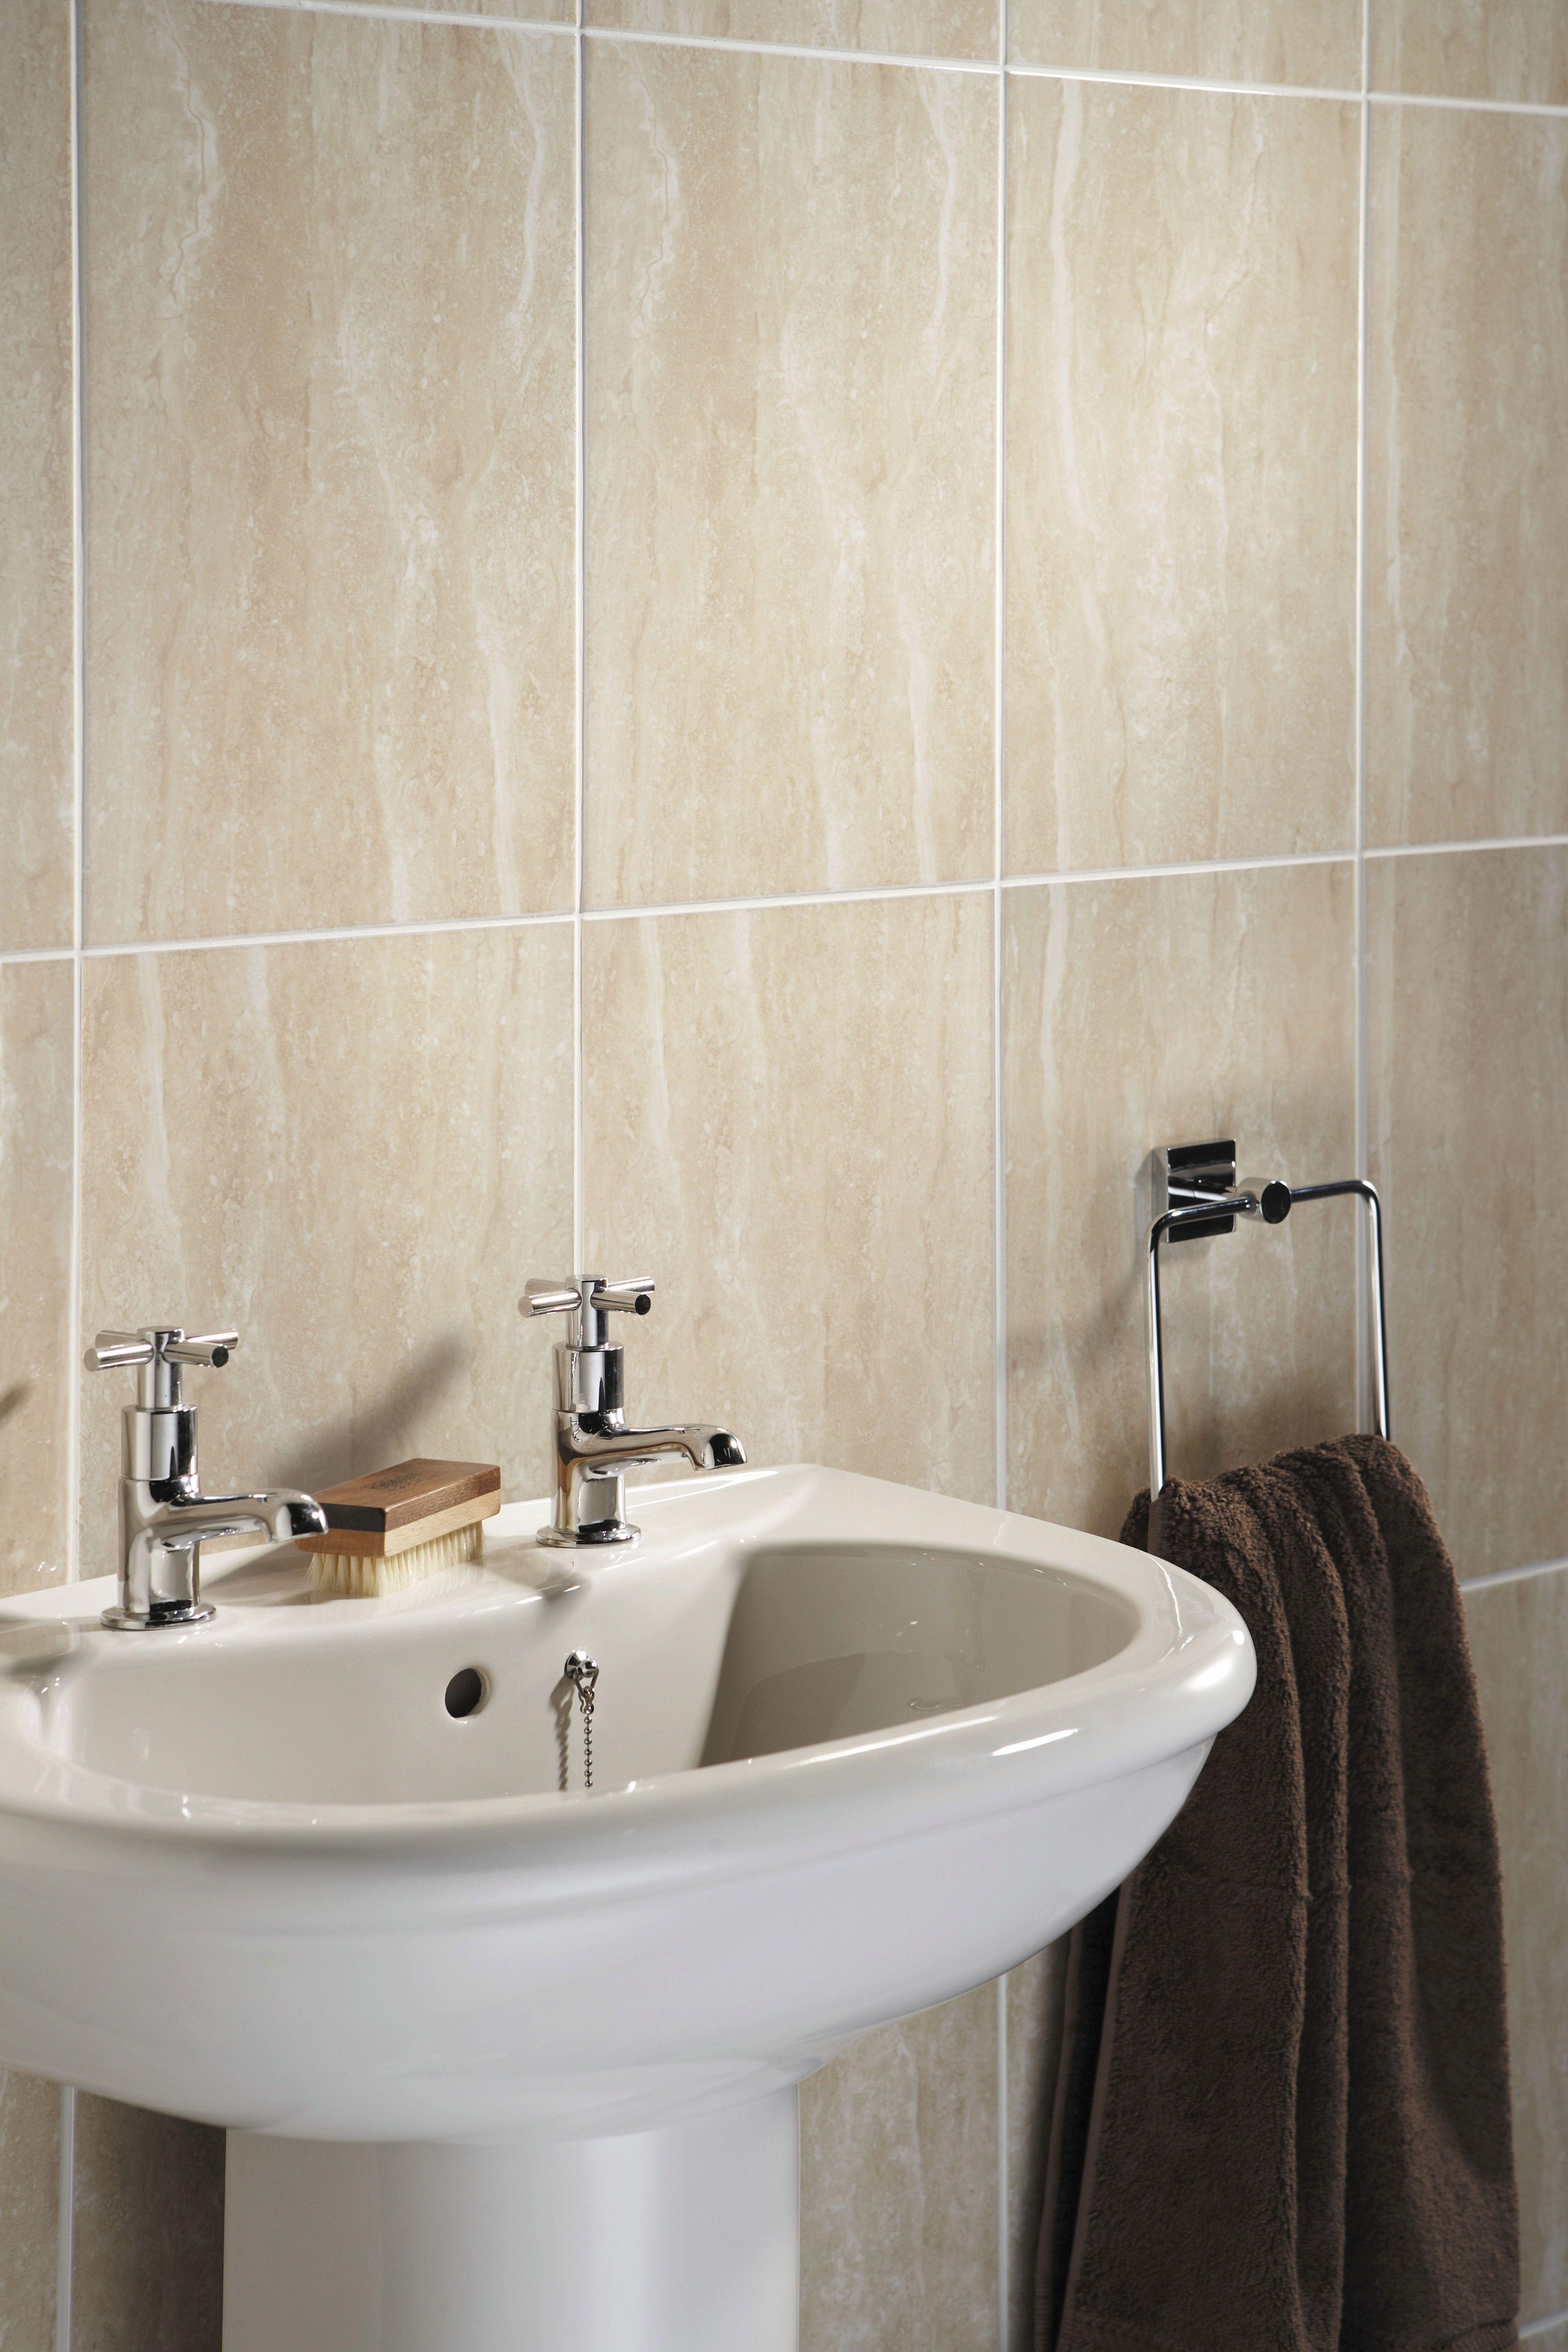 Travertine Gloss Wall | Marvelous Marble | Pinterest | Elgin marbles ...